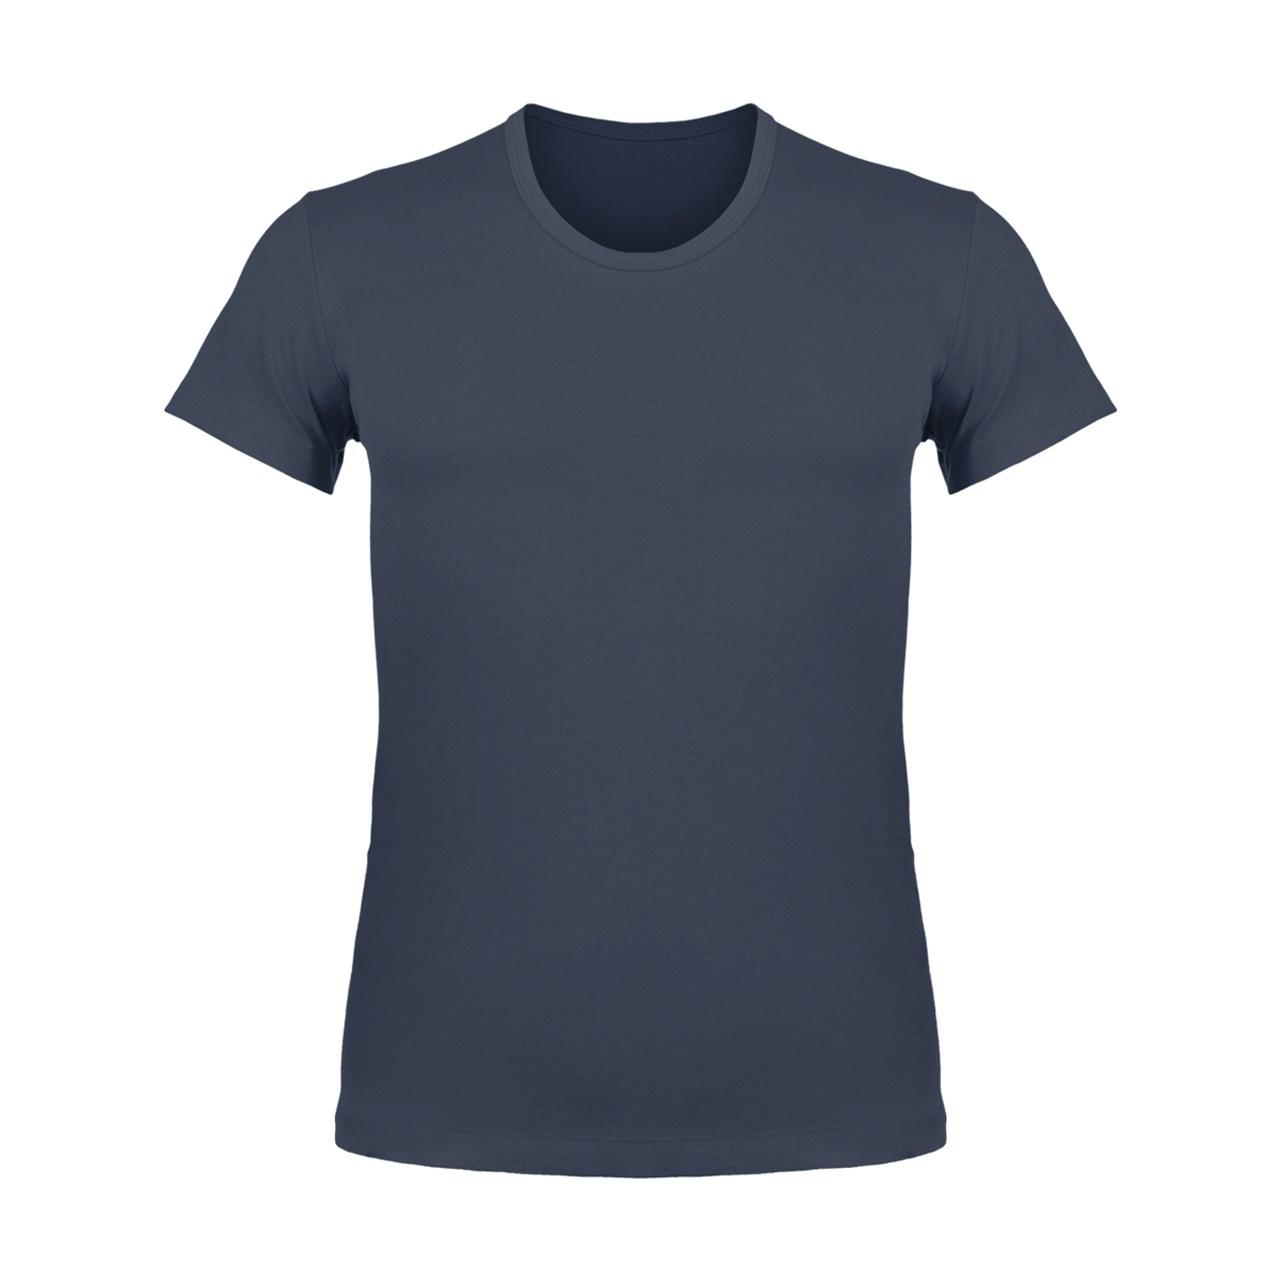 زیرپوش مردانه کیان تن پوش مدل U Neck Shirt Classic BN